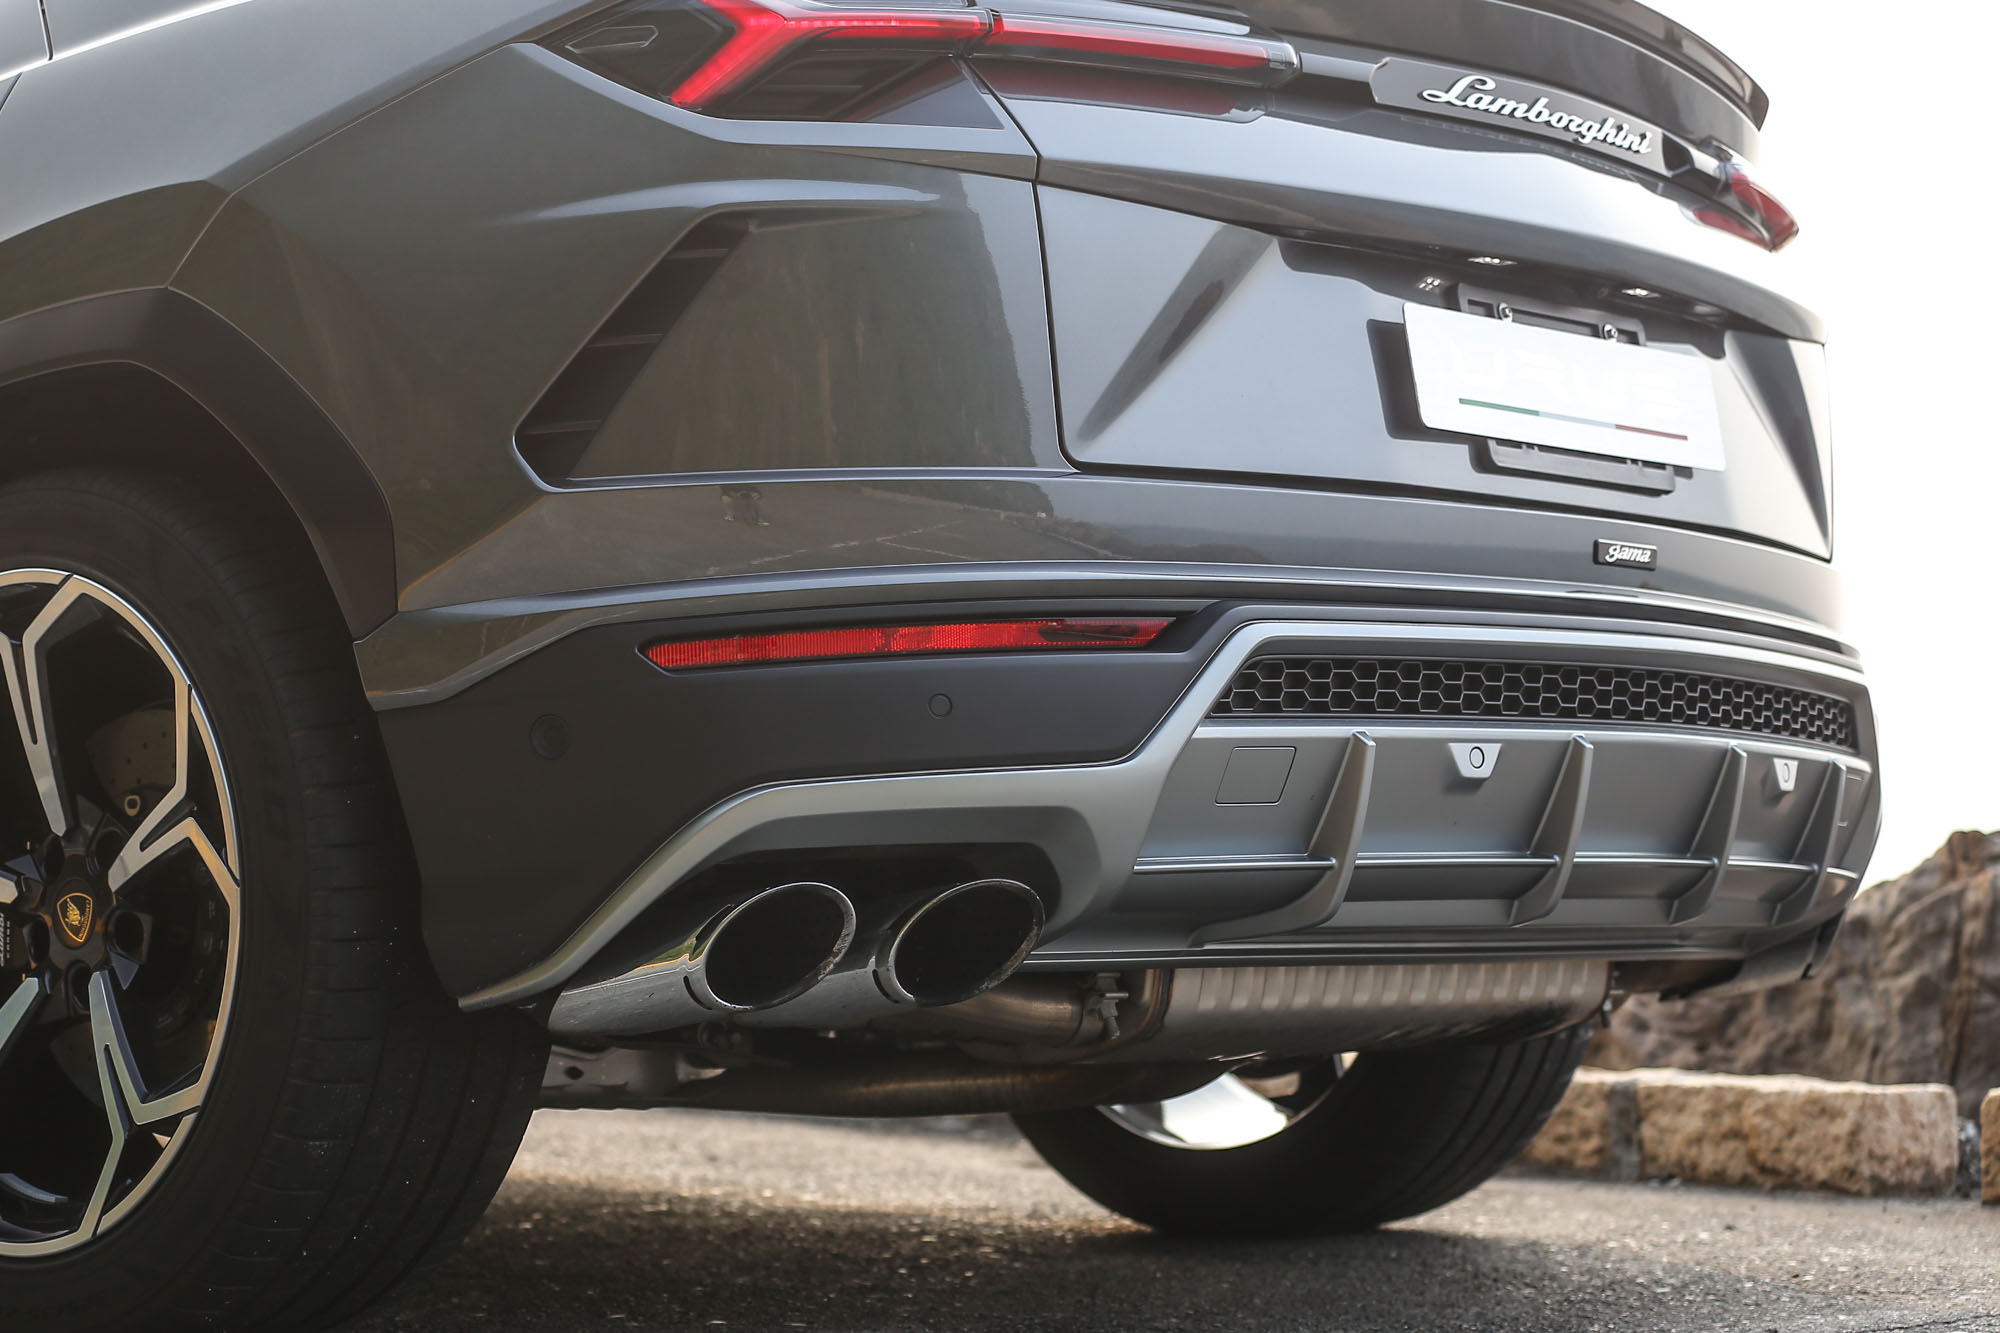 左右四出式排氣尾管加上後分流器造型,還有什麼比這樣的設計更適合一輛 Super SUV?